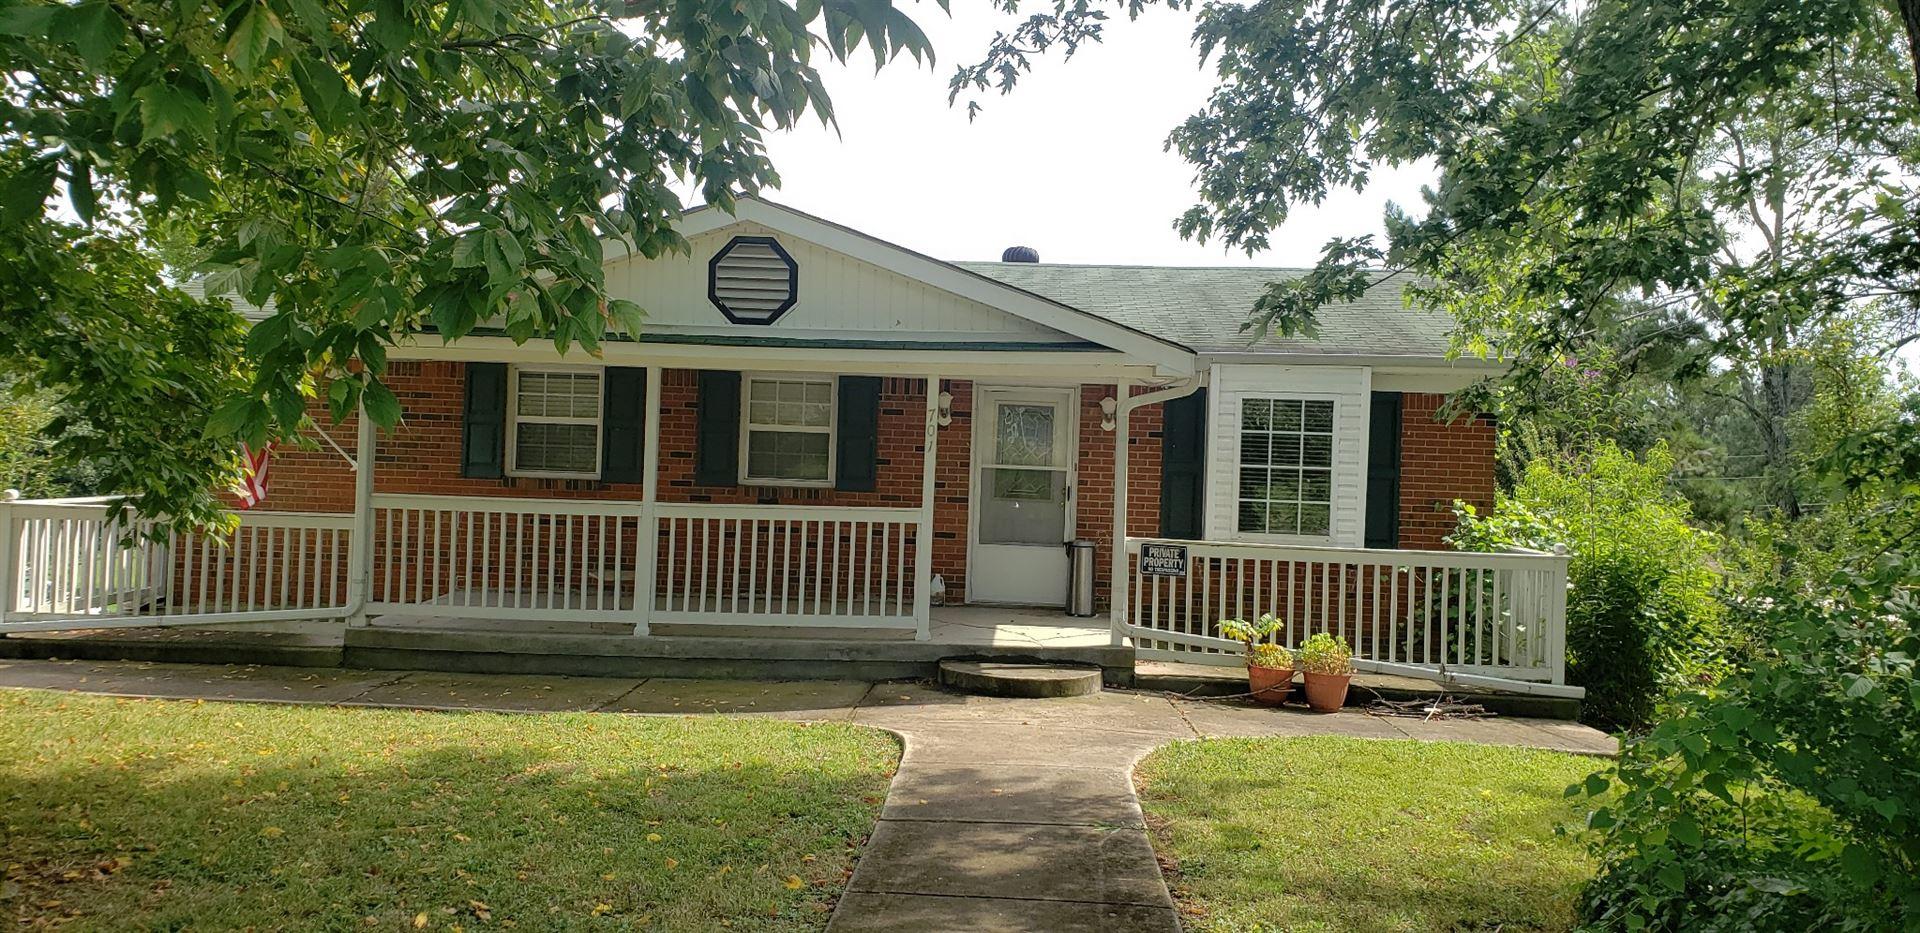 701 Sanders St, Lewisburg, TN 37091 - MLS#: 2180195